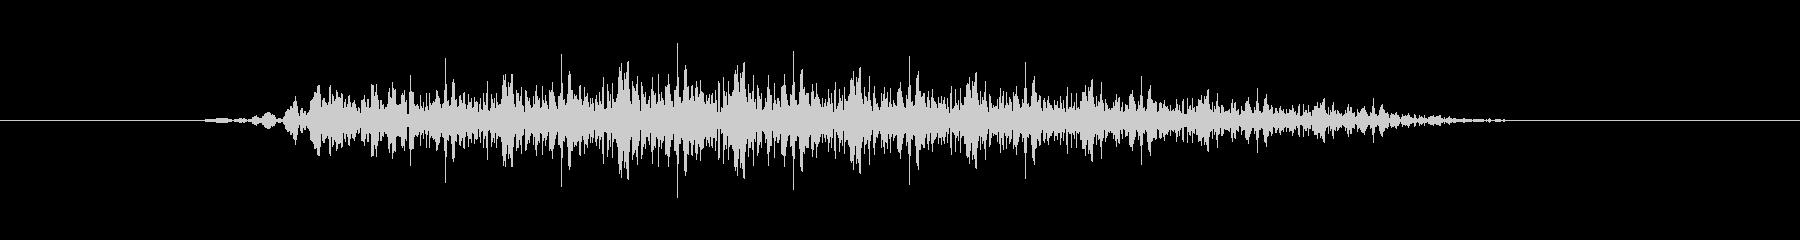 ブワワワ…(次元の扉・ポータルの音)の未再生の波形